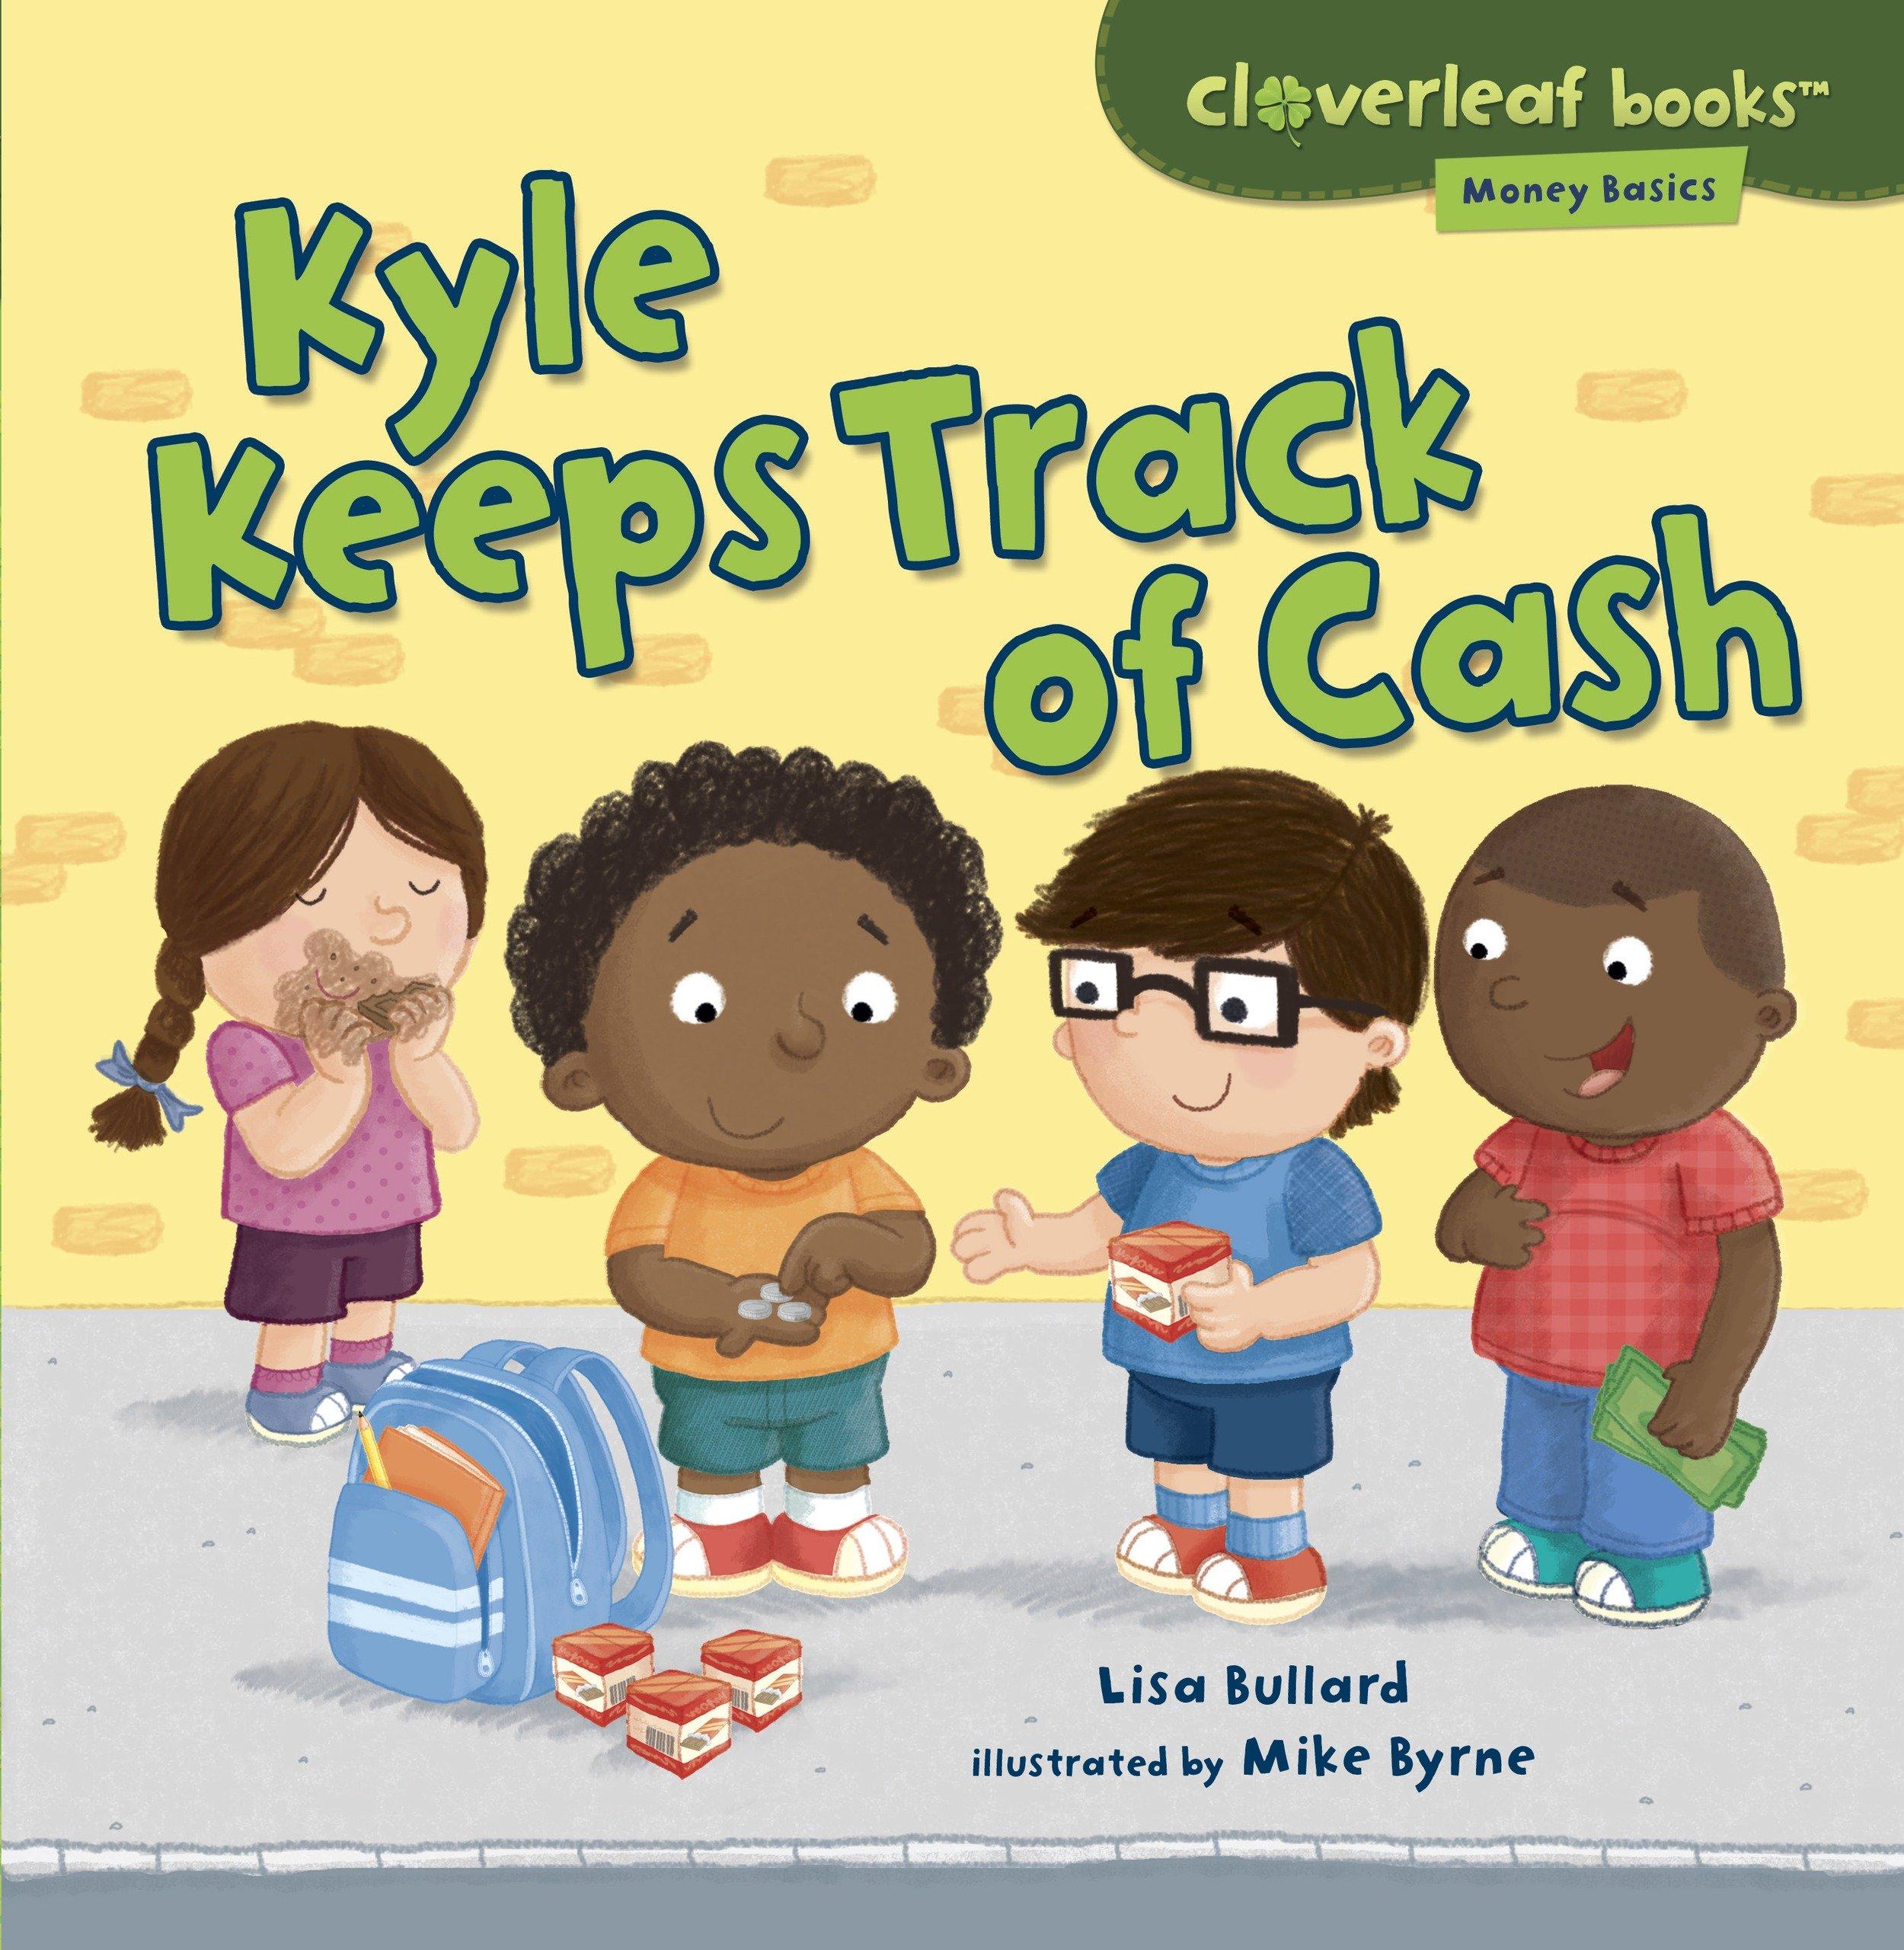 Image result for kyle keeps track of cash